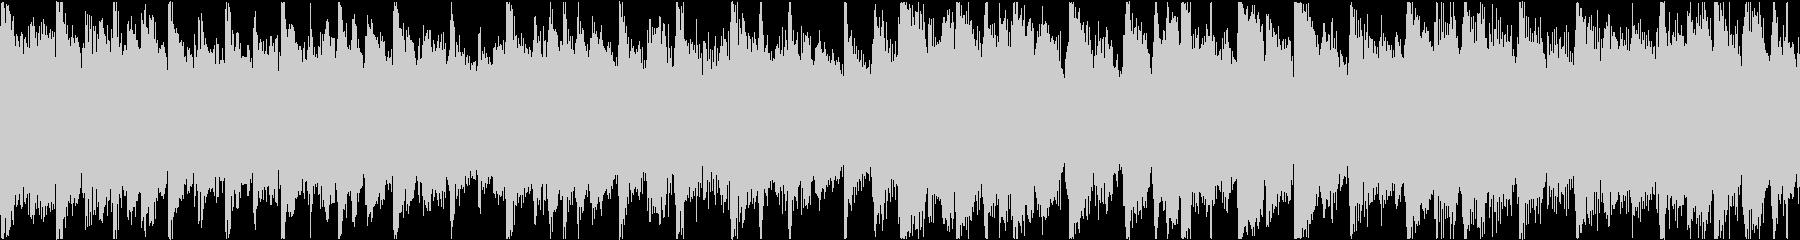 特徴的なピアノパターンを特徴とする...の未再生の波形